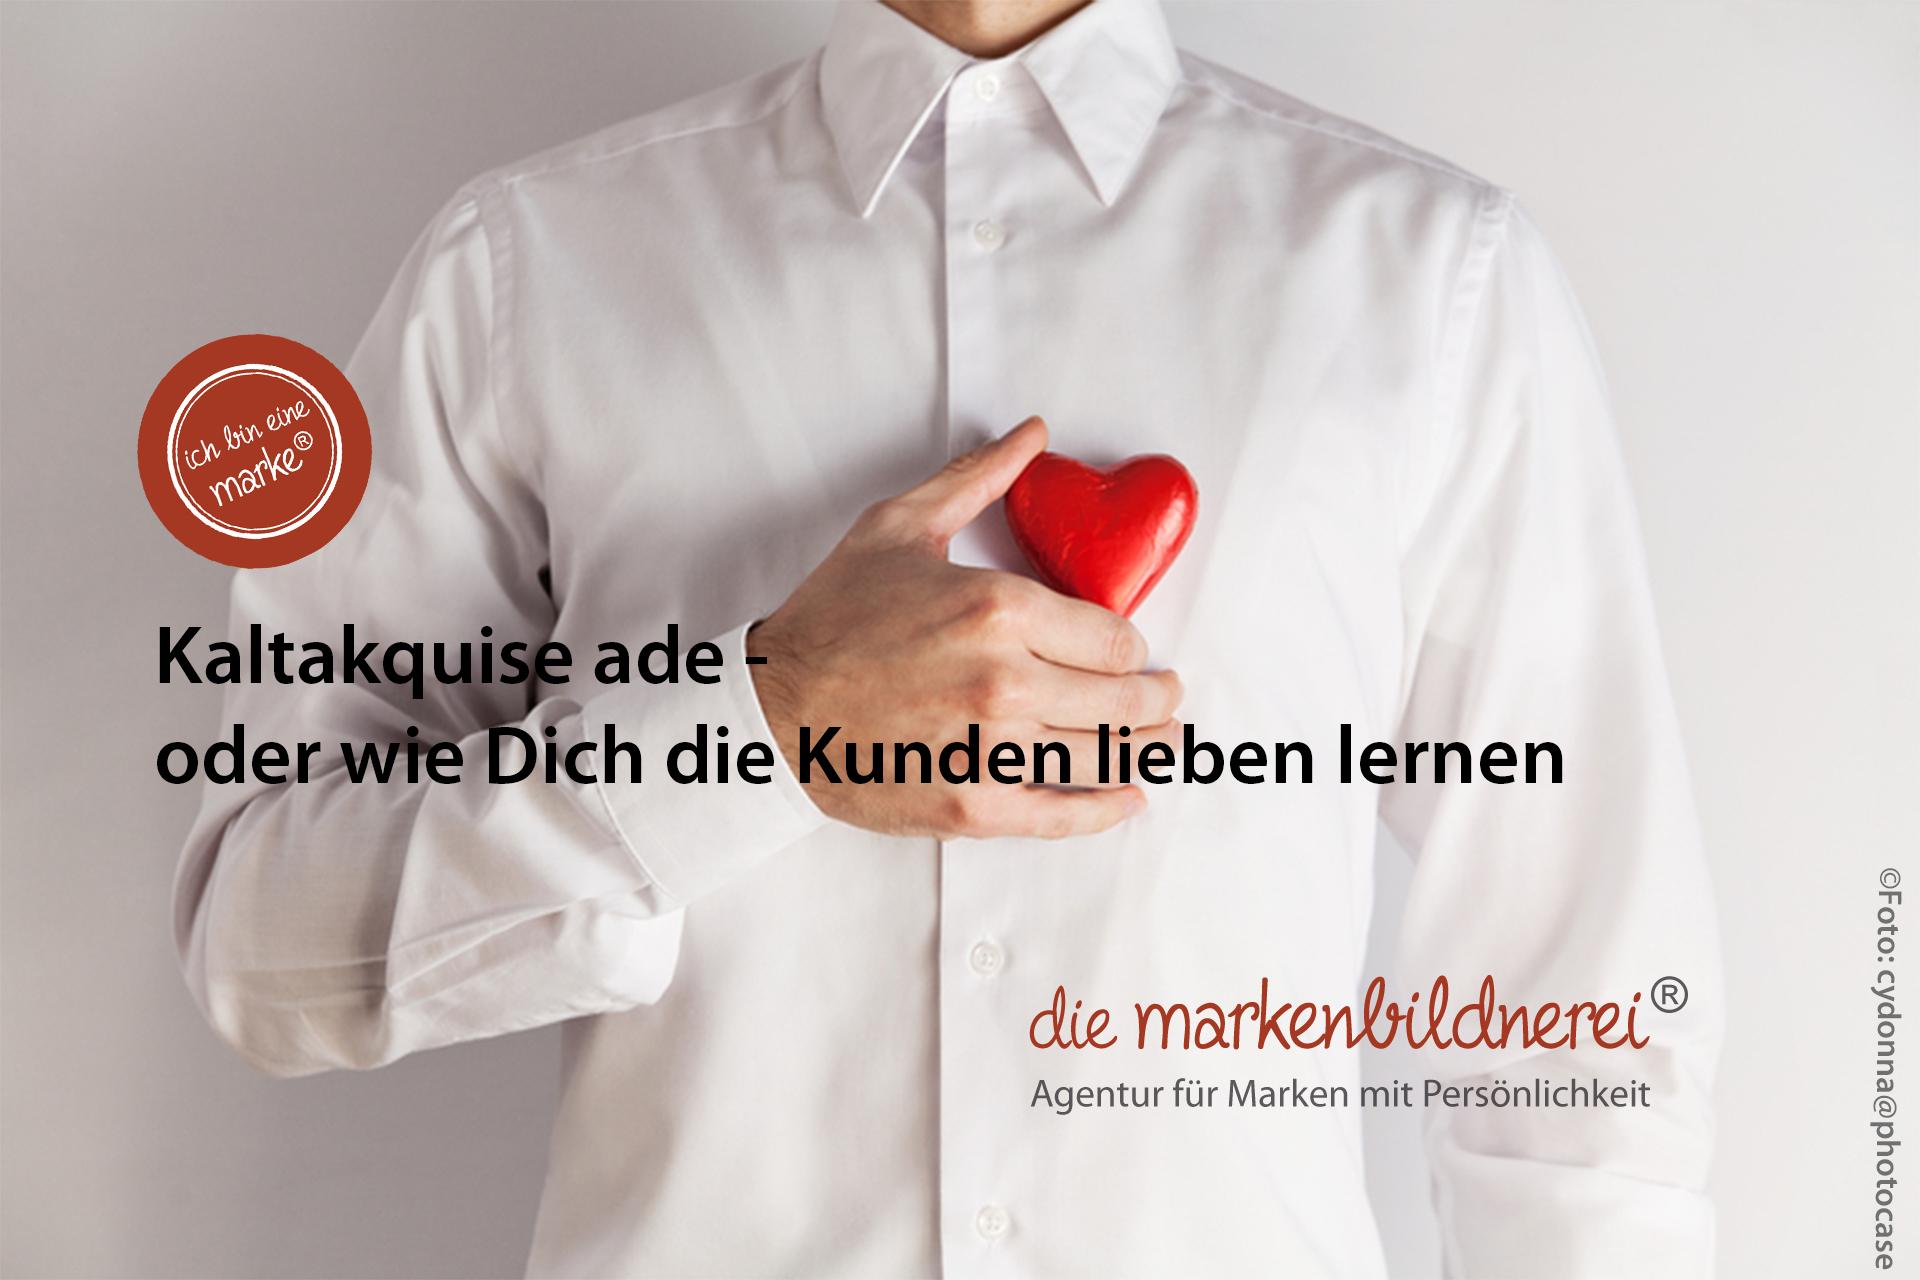 Die Markenbildnerei, München: Kundenmagnet